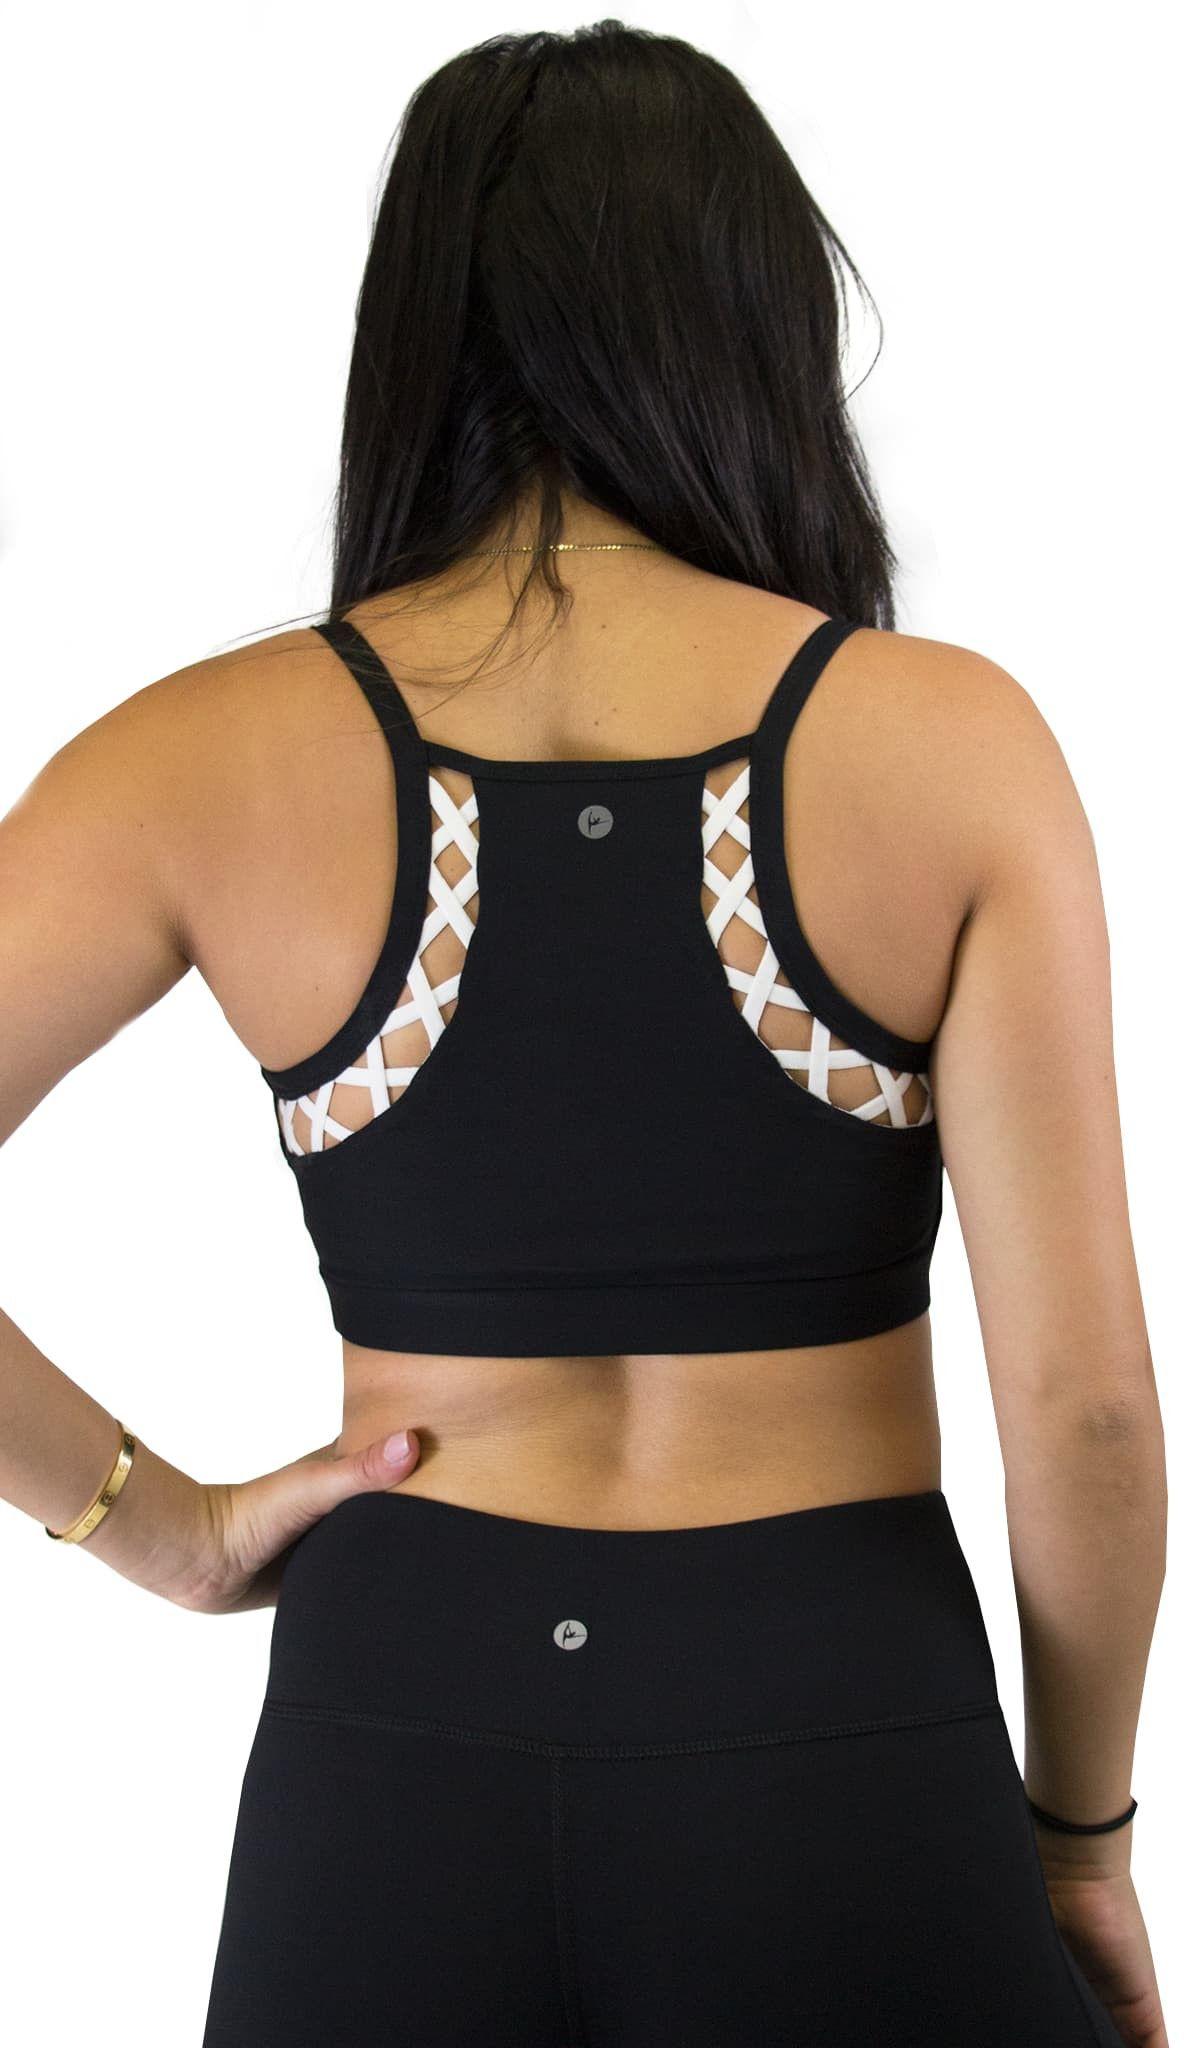 CrissCross Back Sports Bra Womens Bras 90 Degree by